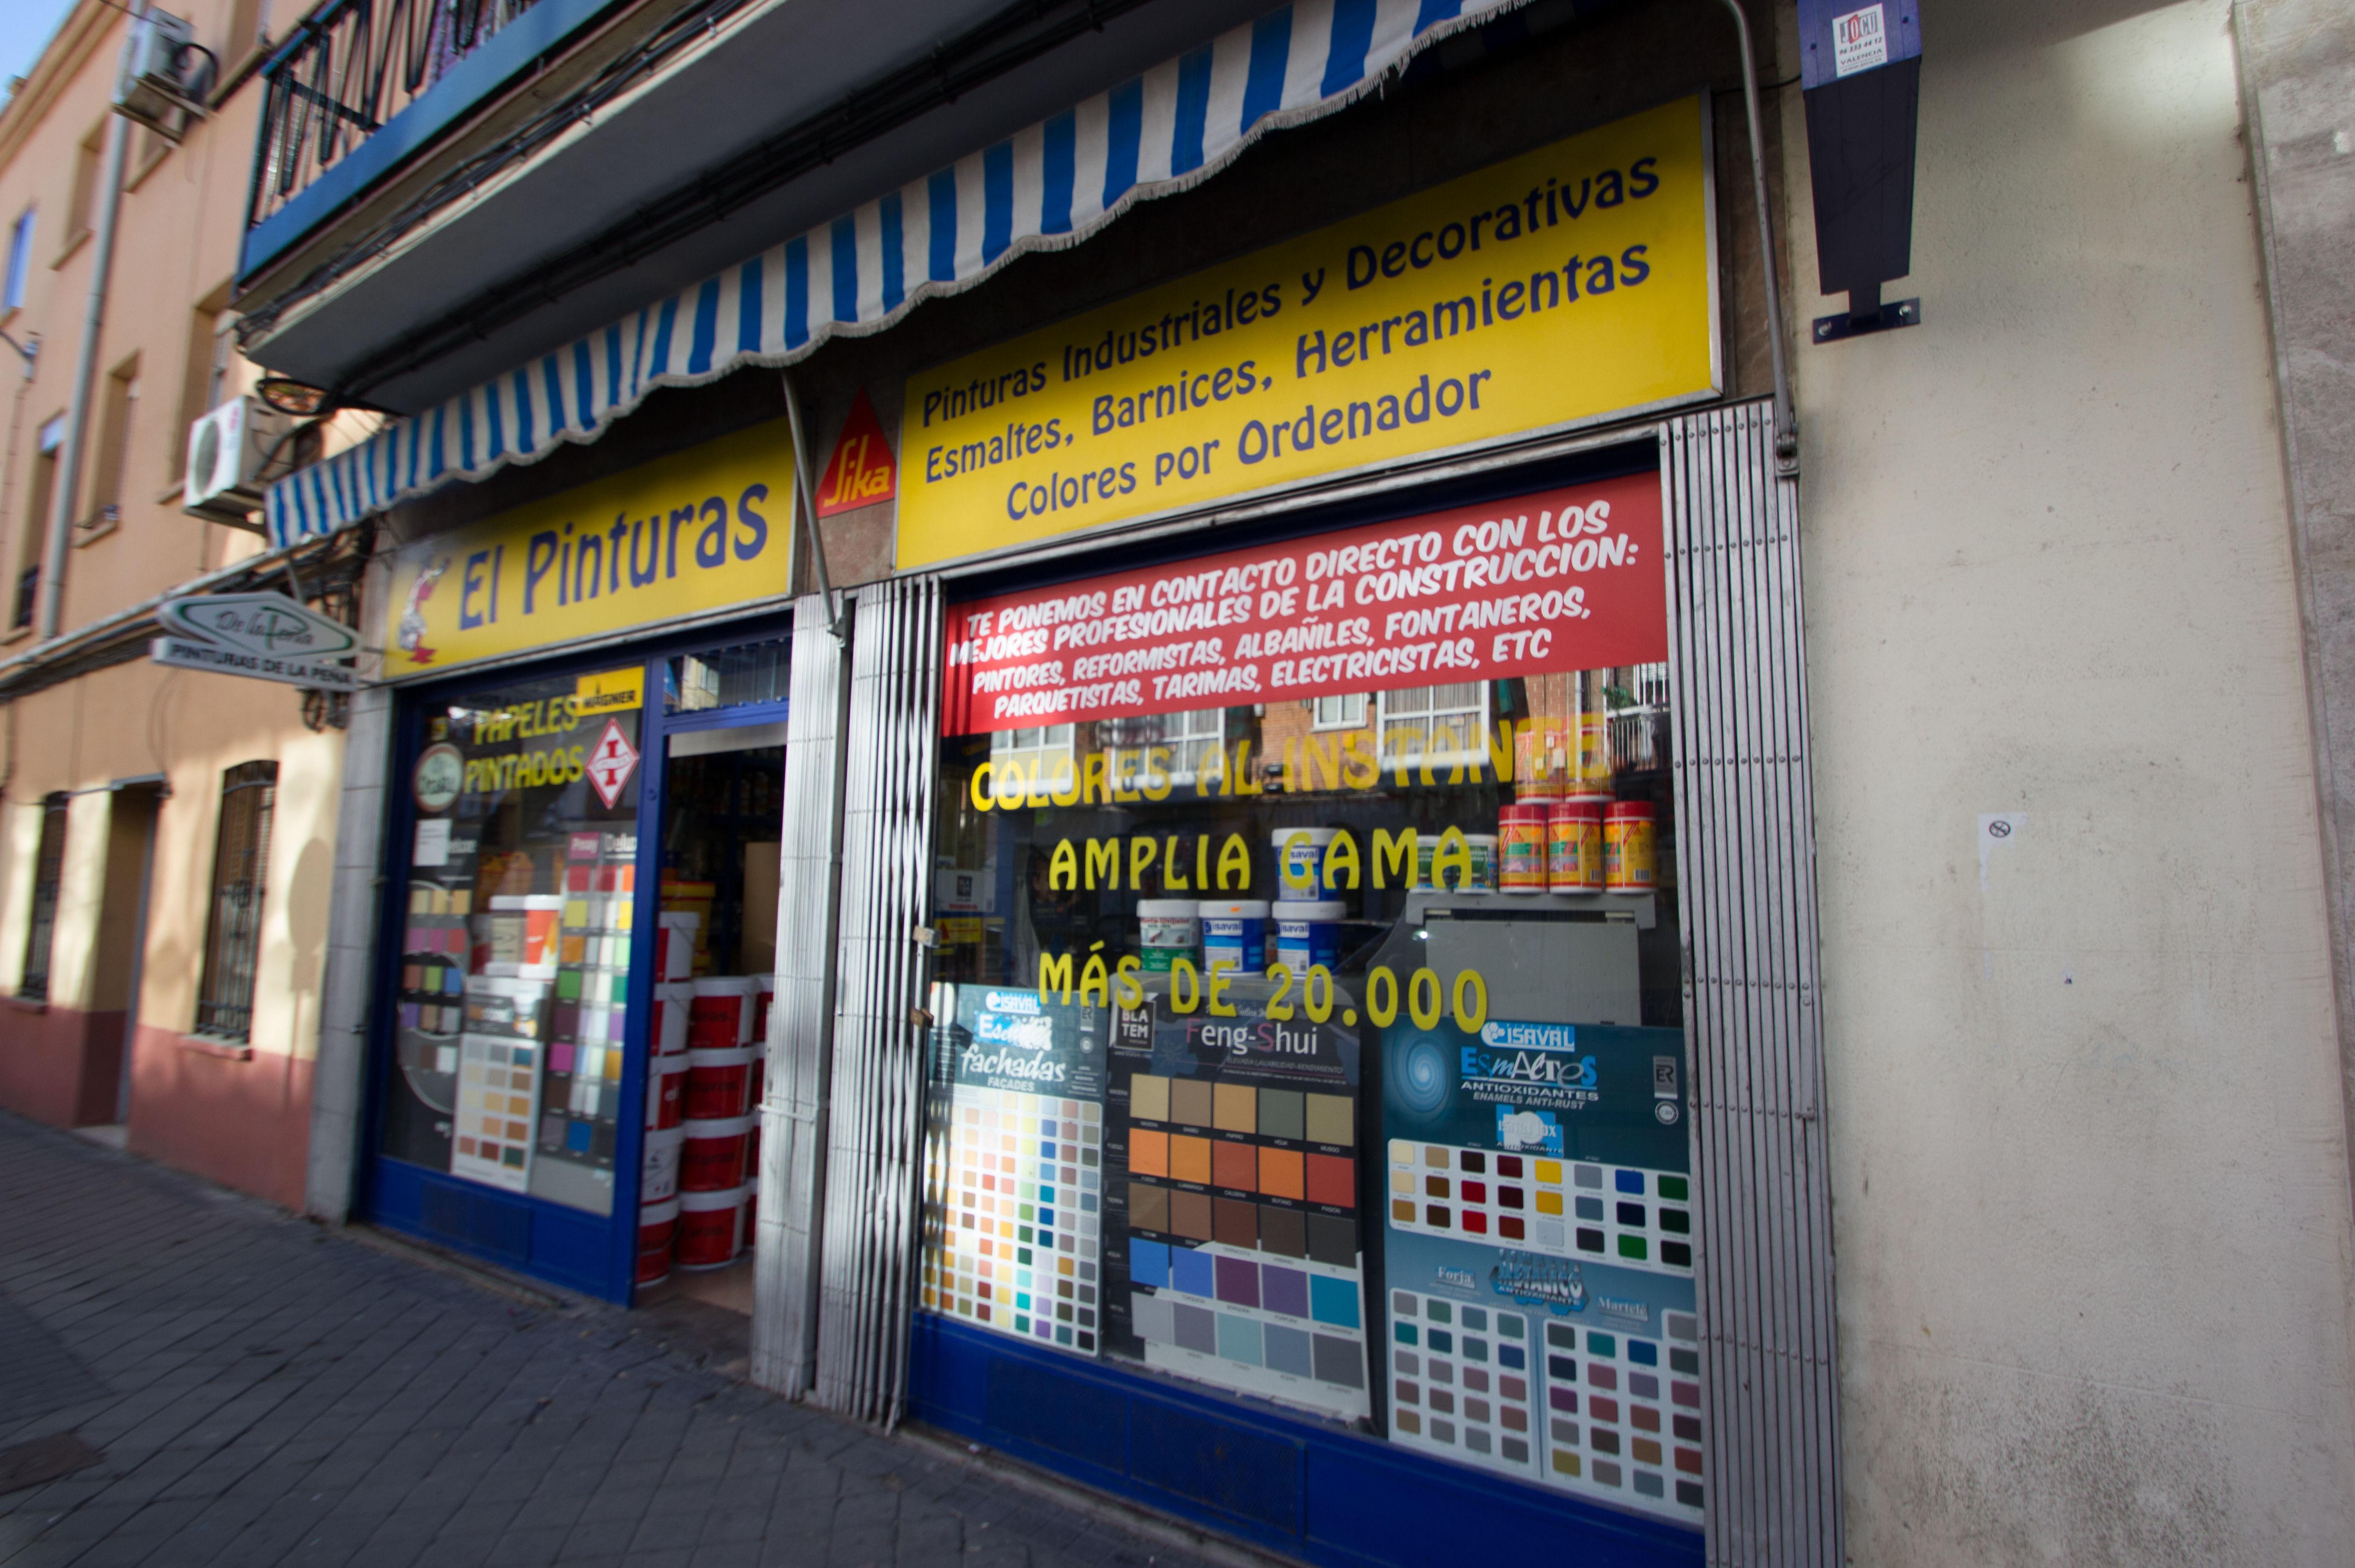 Tienda especializada en todo tipo de pinturas en Madrid